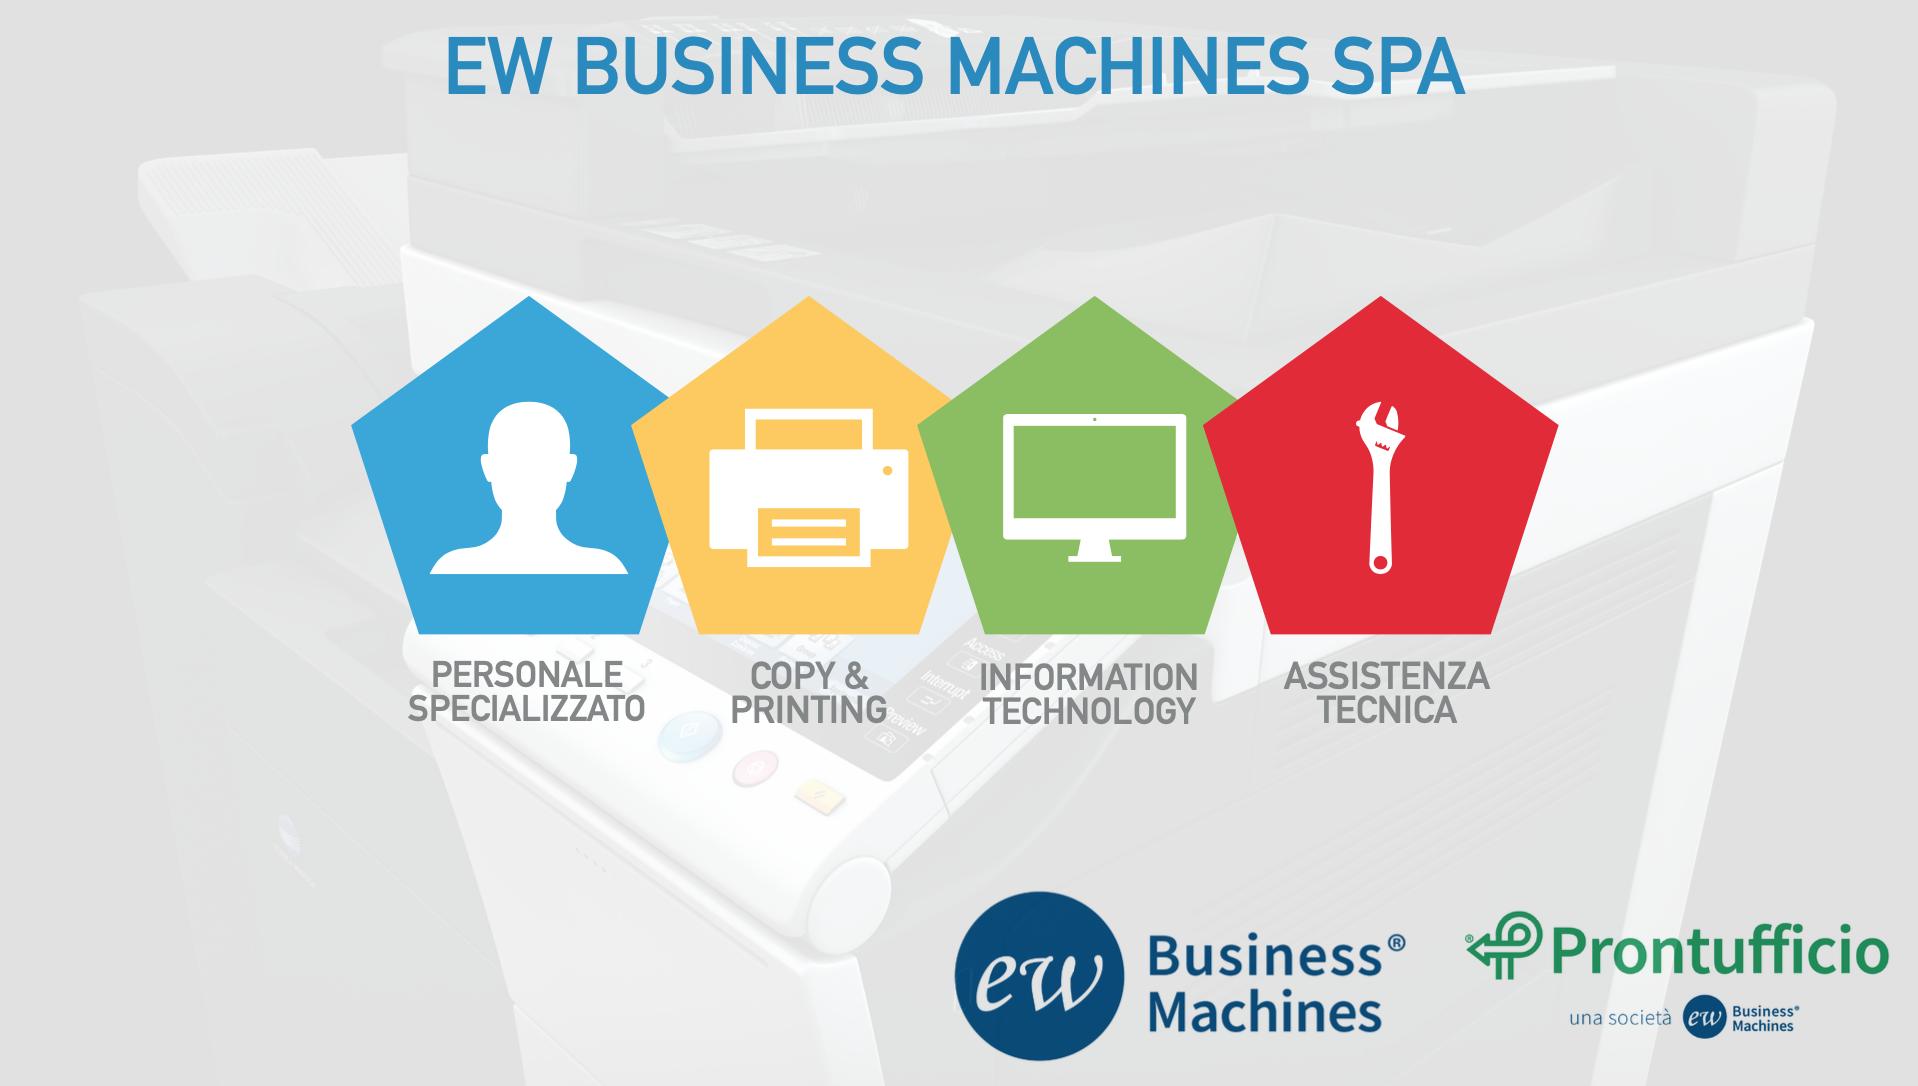 cropped ew business machines spa noleggio vendita e assistenza fotocopiatrici milano